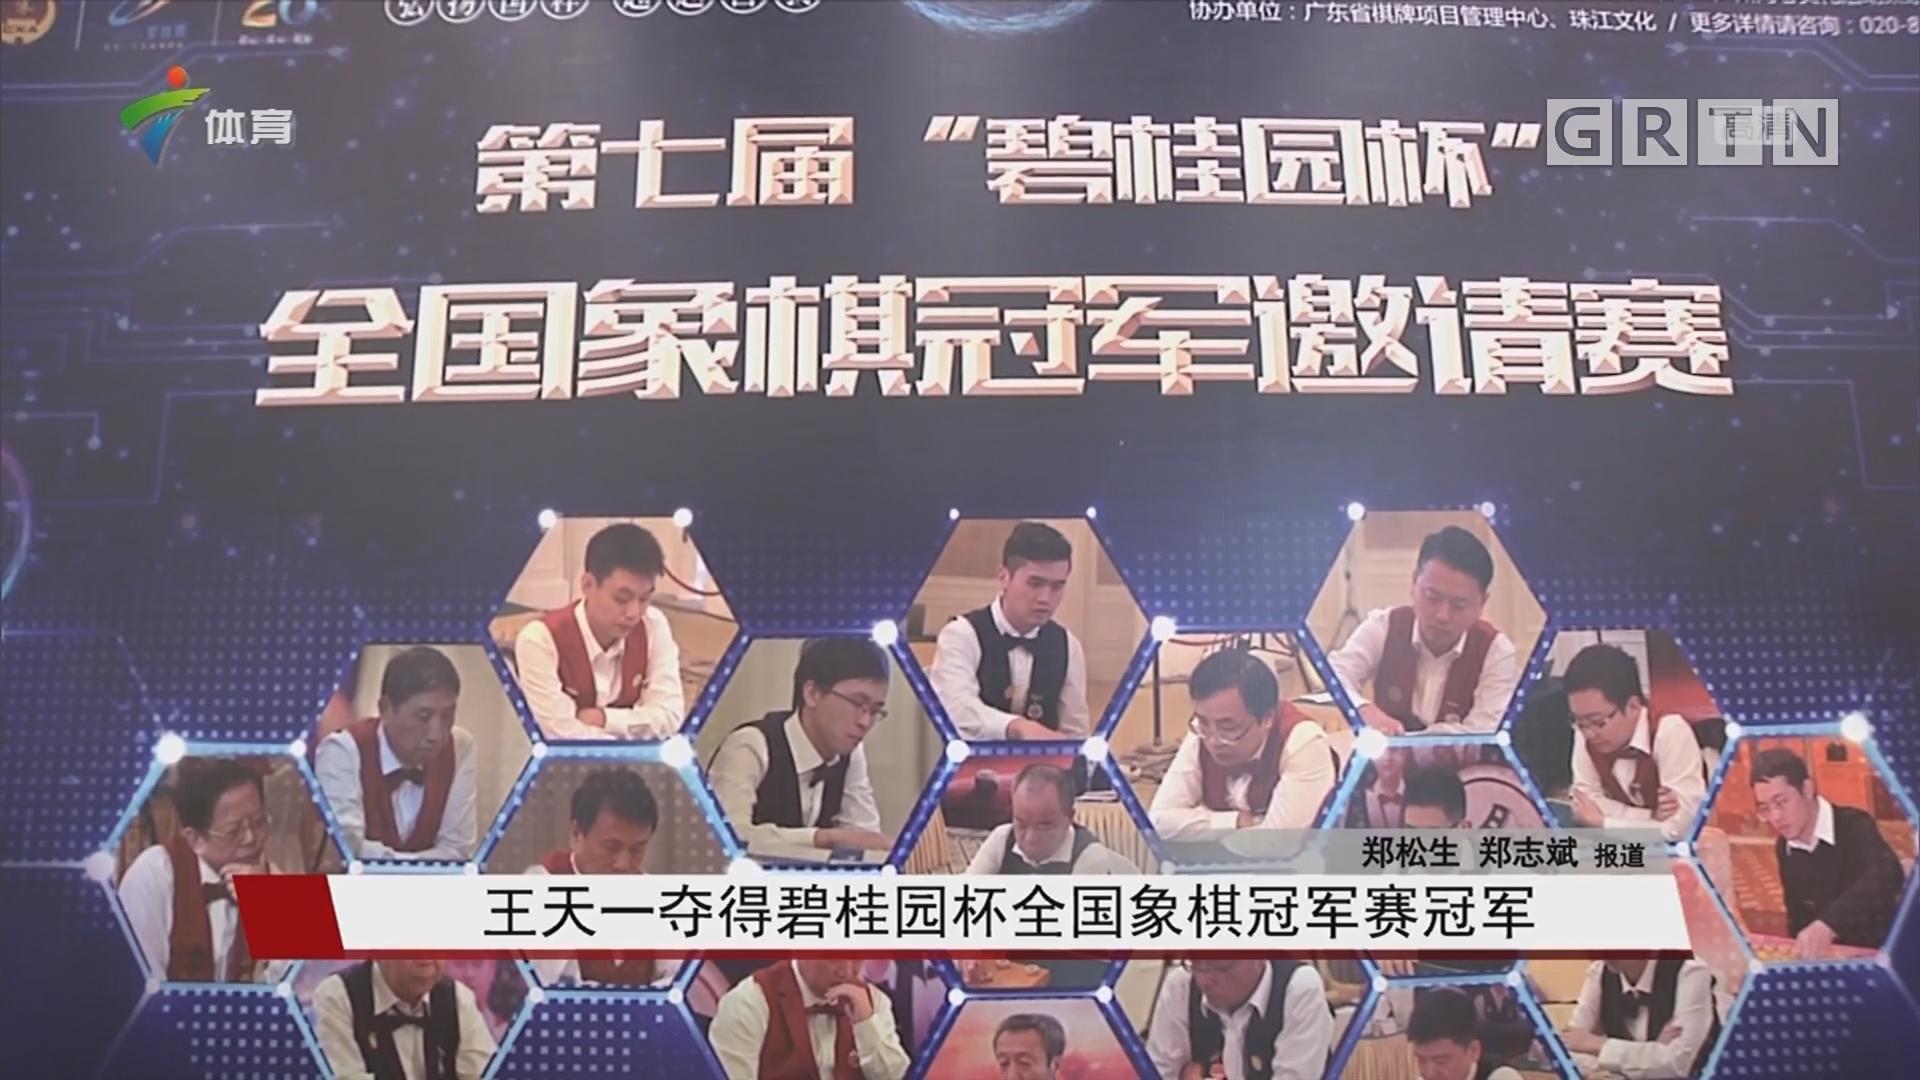 王天一夺得碧桂园杯全国象棋冠军赛冠军